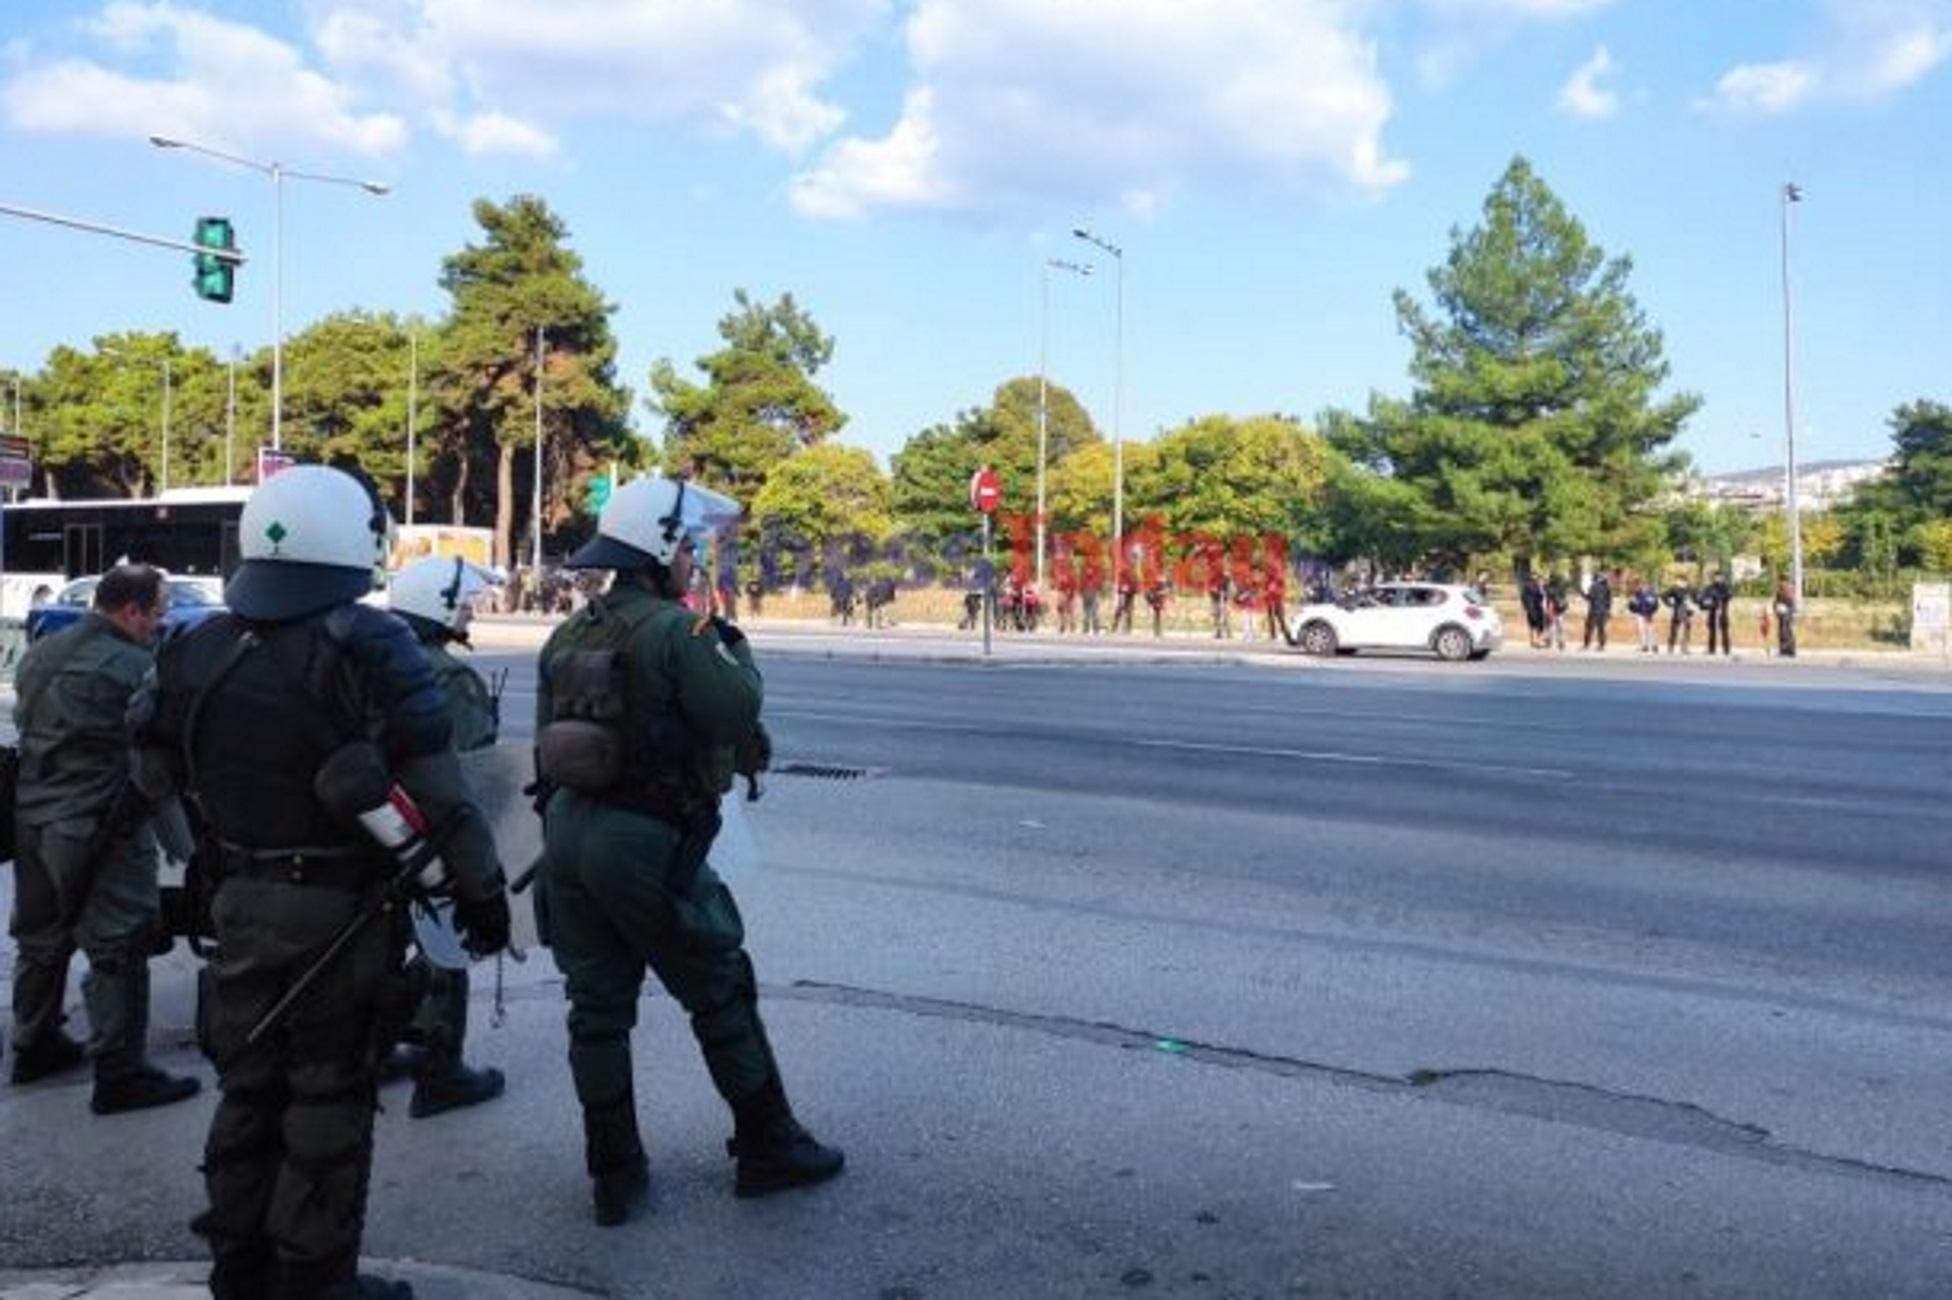 Θεσσαλονίκη: Αντιεξουσιαστές και ακροδεξιοί στους δρόμους της πόλης με παράλληλες συγκεντρώσεις